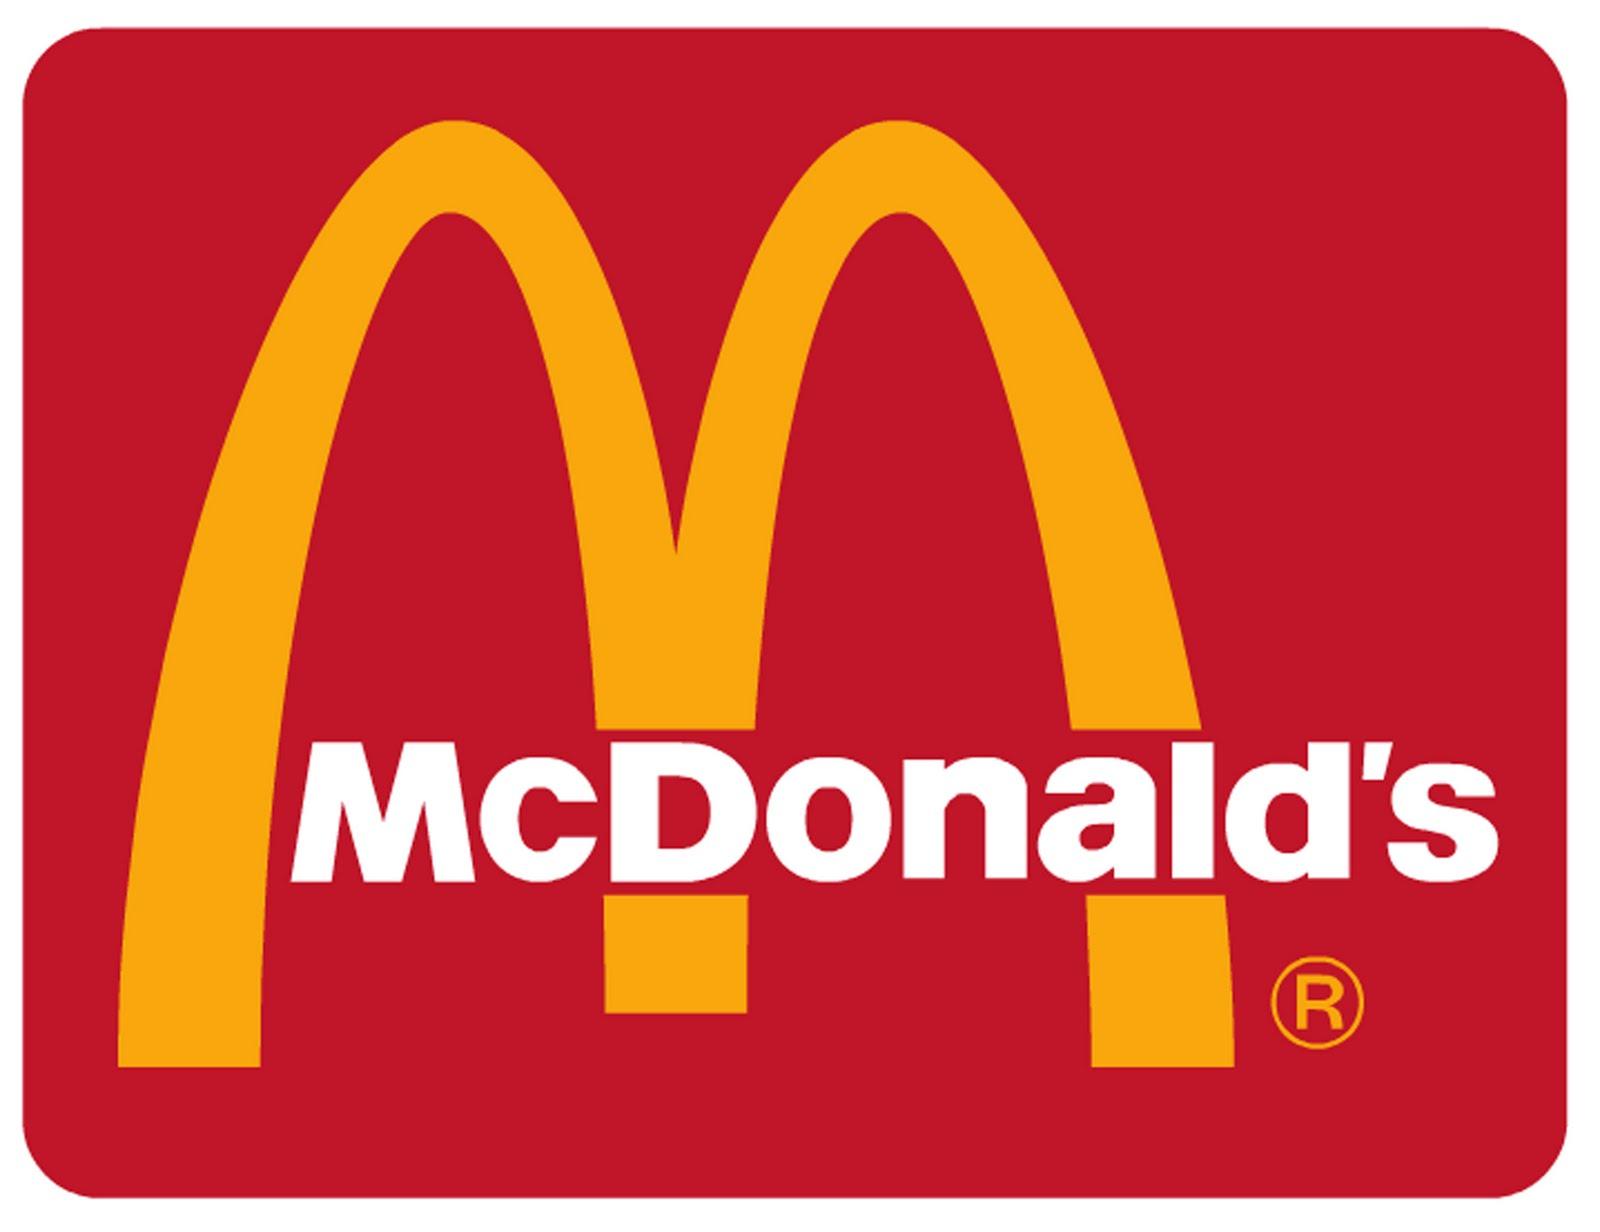 Макдональдс видео - 2a6